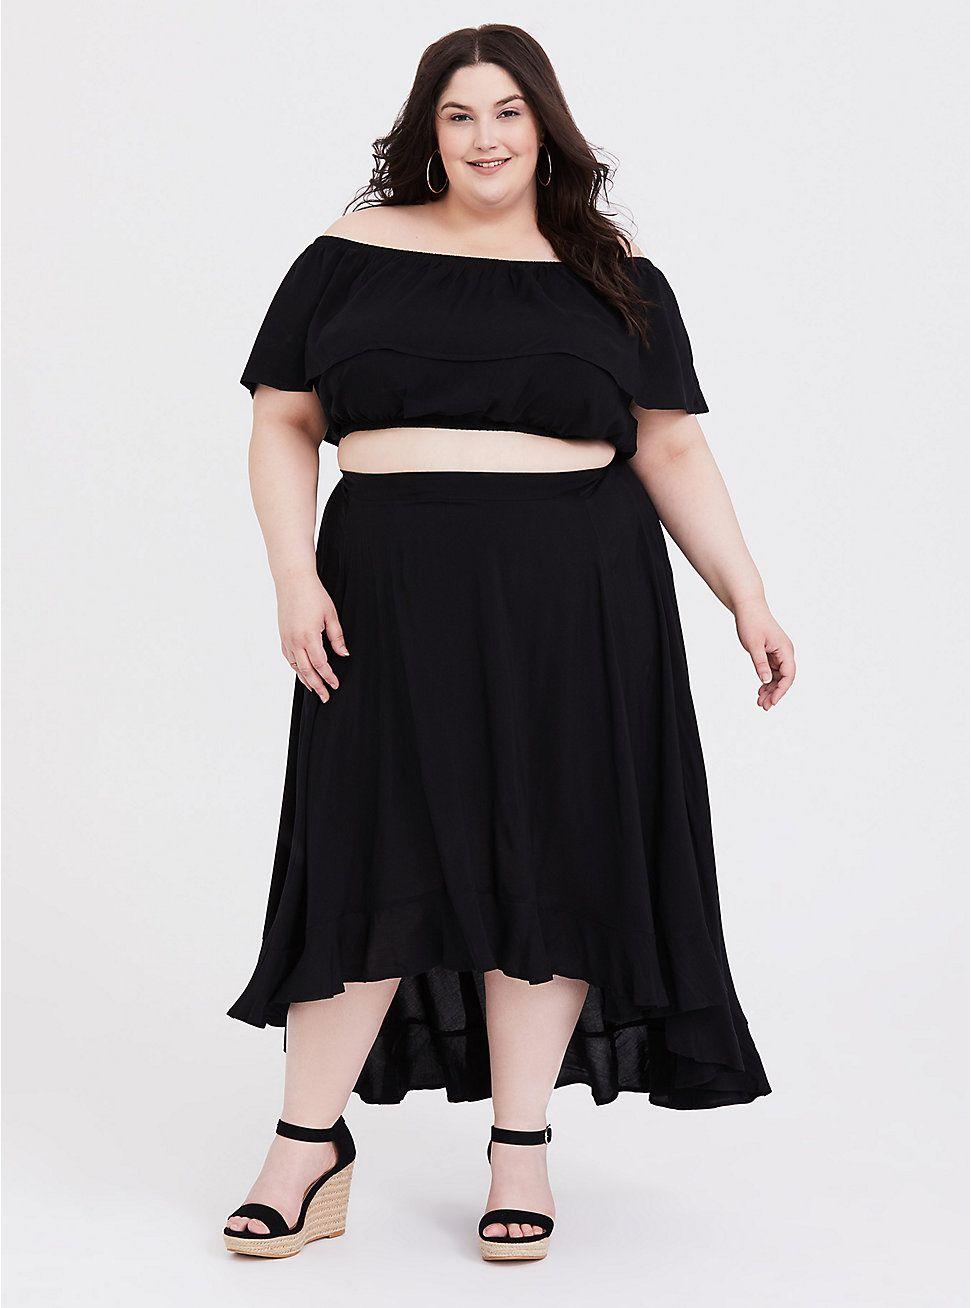 Black Challis Off Shoulder Crop Top Hi Lo Skirt Set Skirt